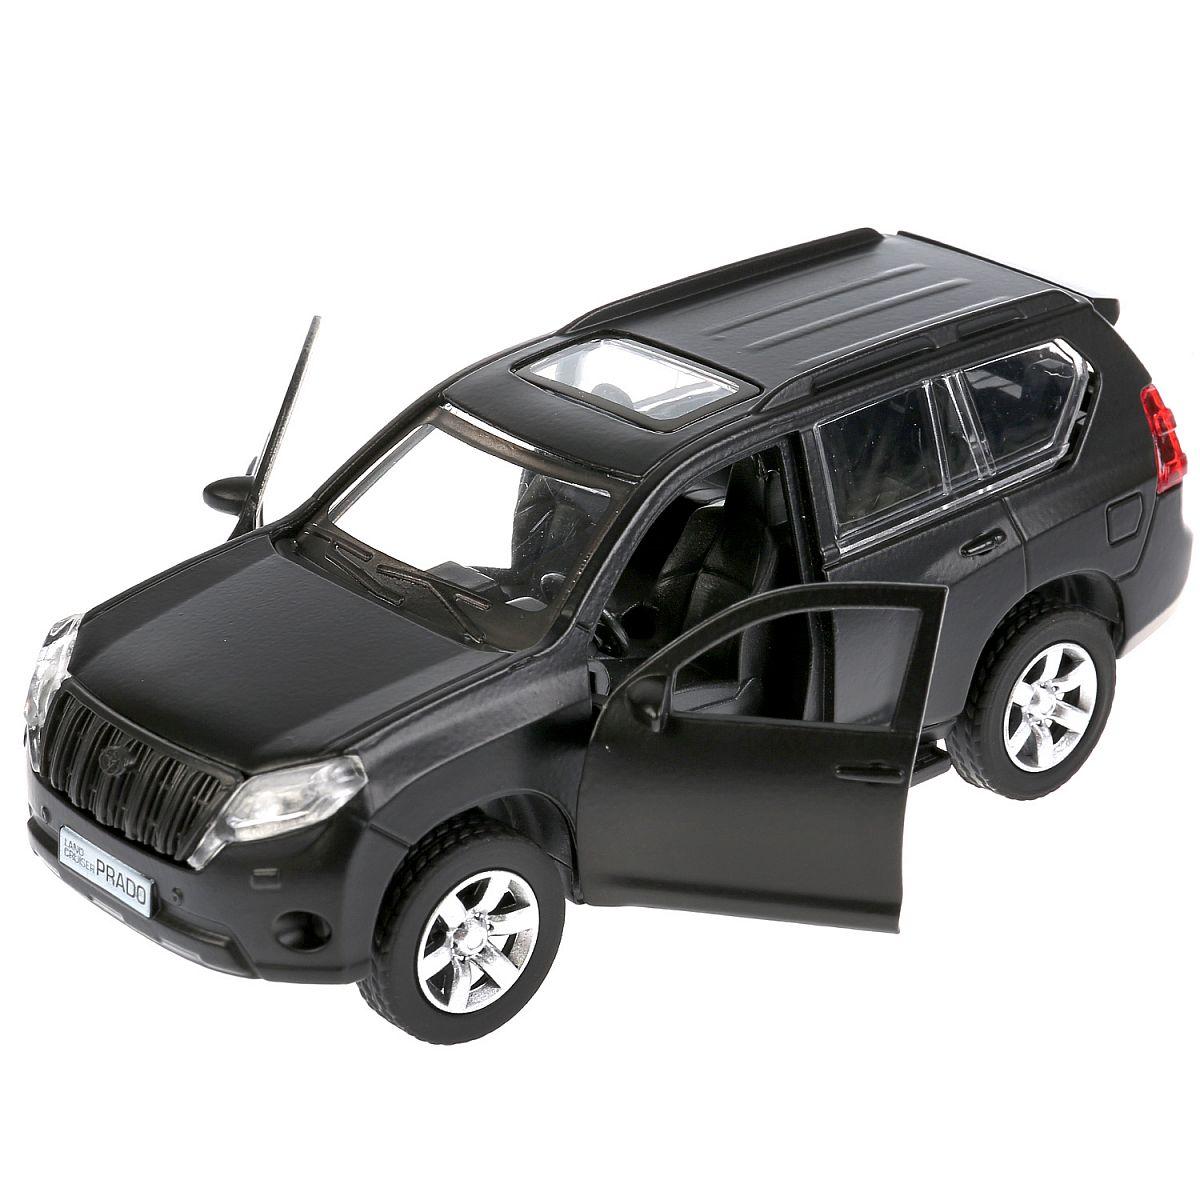 5b7ef2966677 Машина Технопарк Toyota Prado в ассортименте - купить в Москве: цены в  интернет-магазине Кораблик